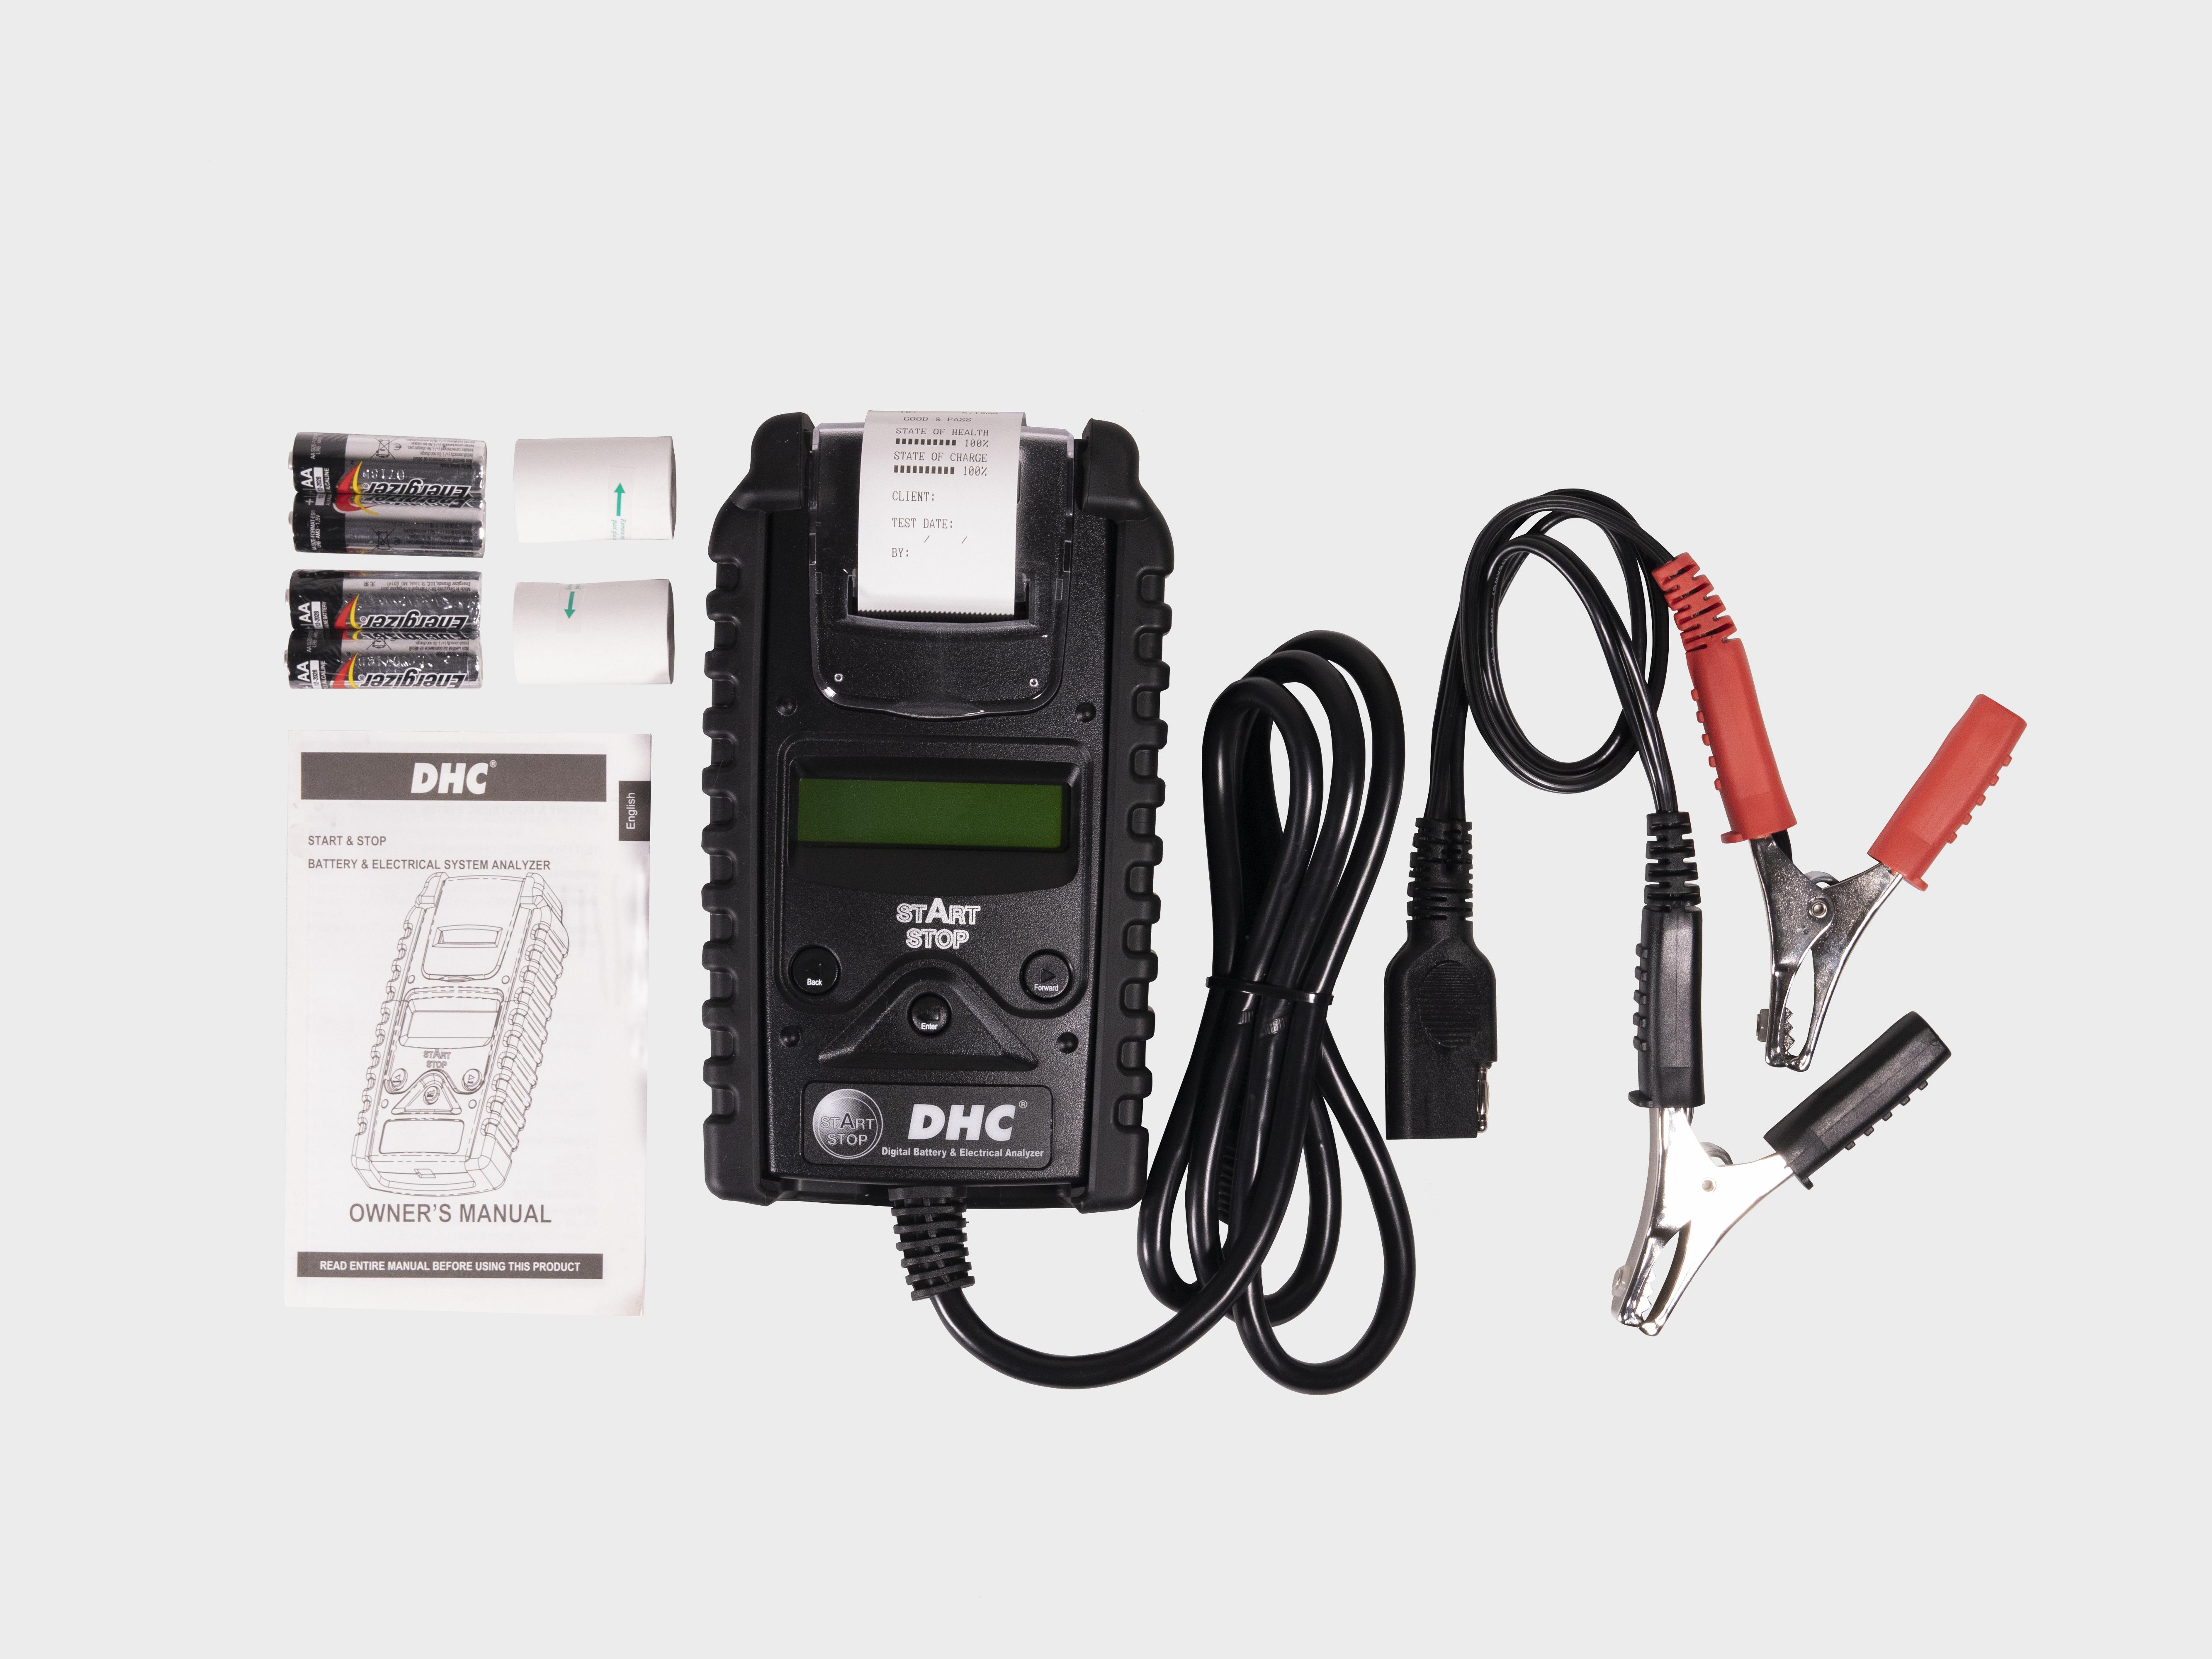 Máy kiểm tra ắc quy Ô TÔ DHC BT521